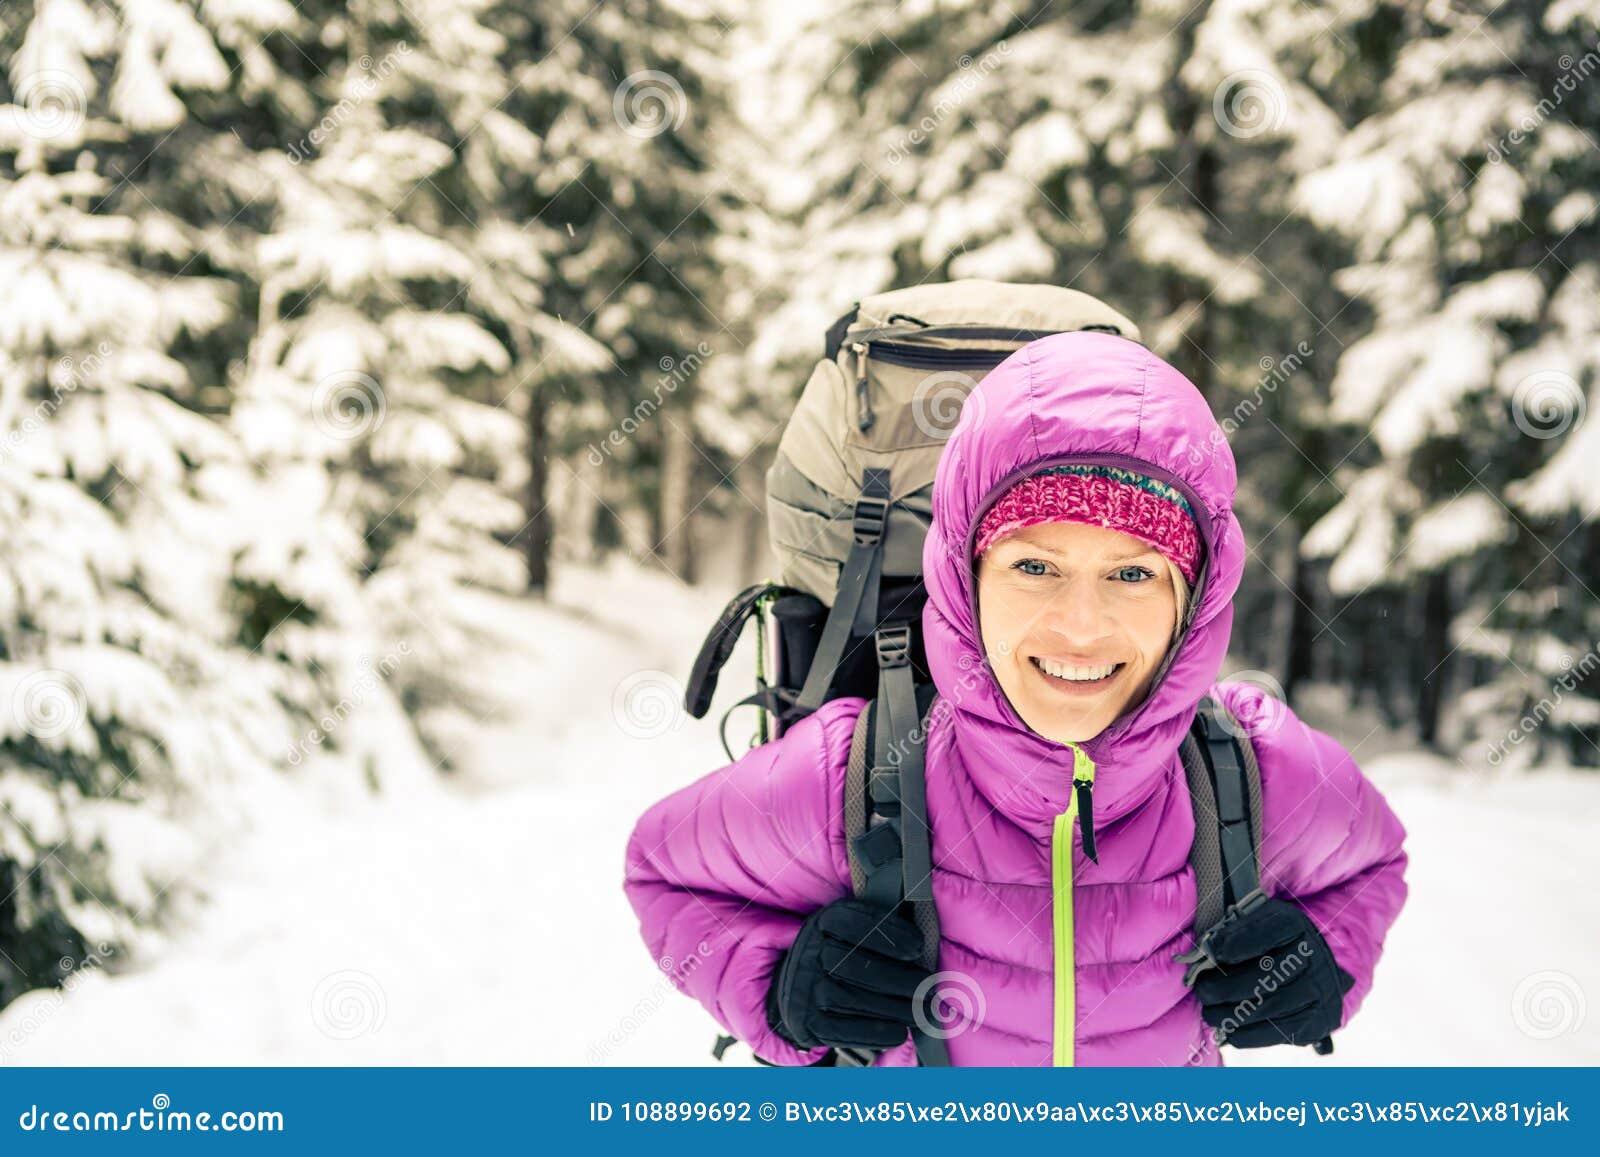 Forêt Marchant Dos Avec Femme À D'hiver Dans La Le Heureuse Sac ZPkiXu